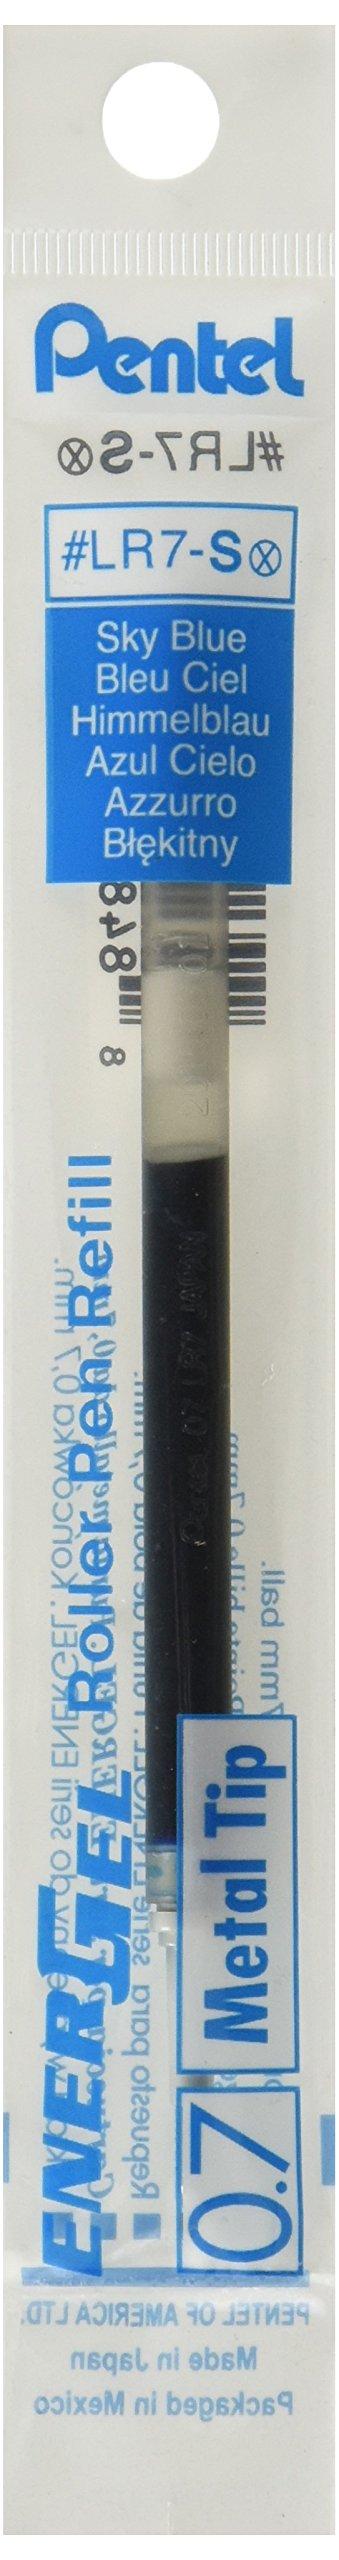 Pentel Refill for EnerGel Gel Pens, 0.7mm Metal Tip, Sky...